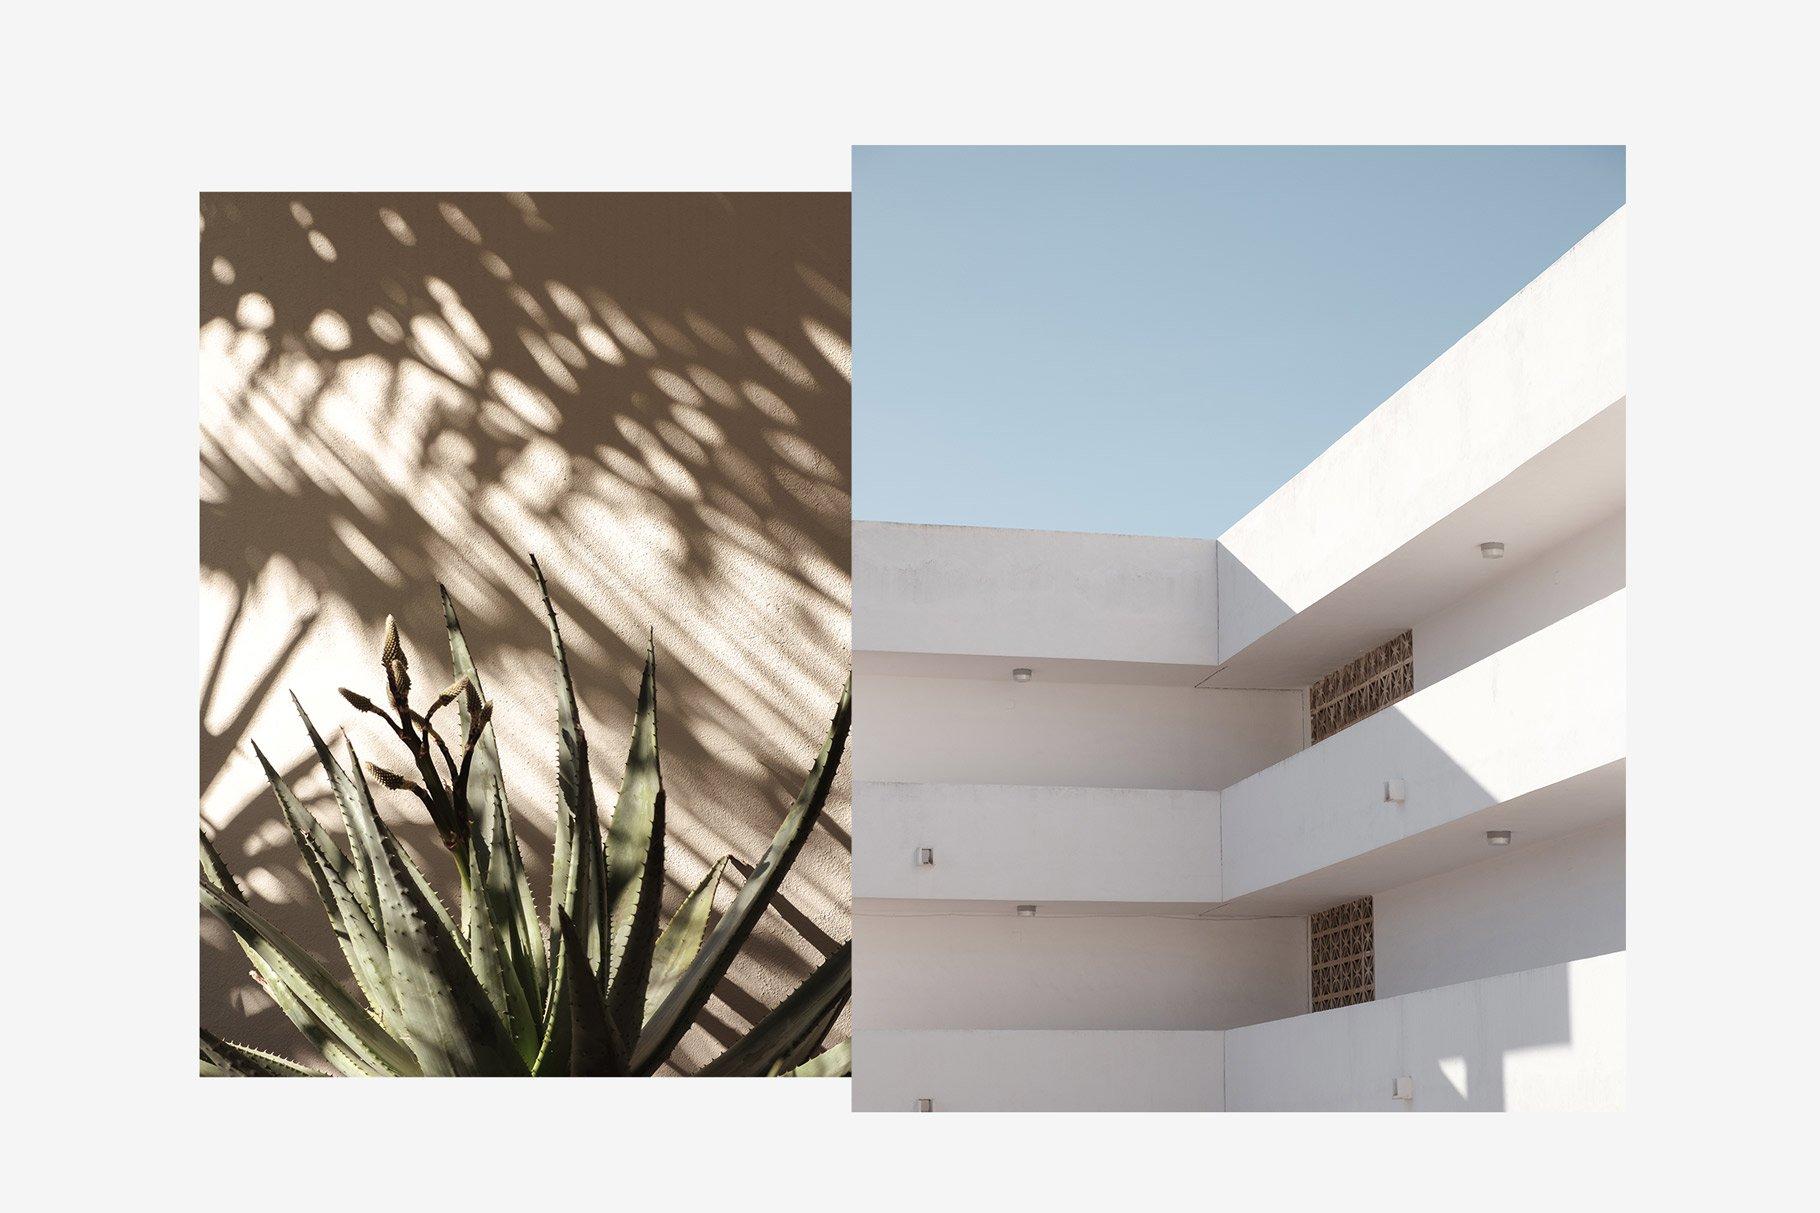 10款高清城市建筑风景摄影图片素材 Minimalistic Photos Pack Vol.1插图(3)